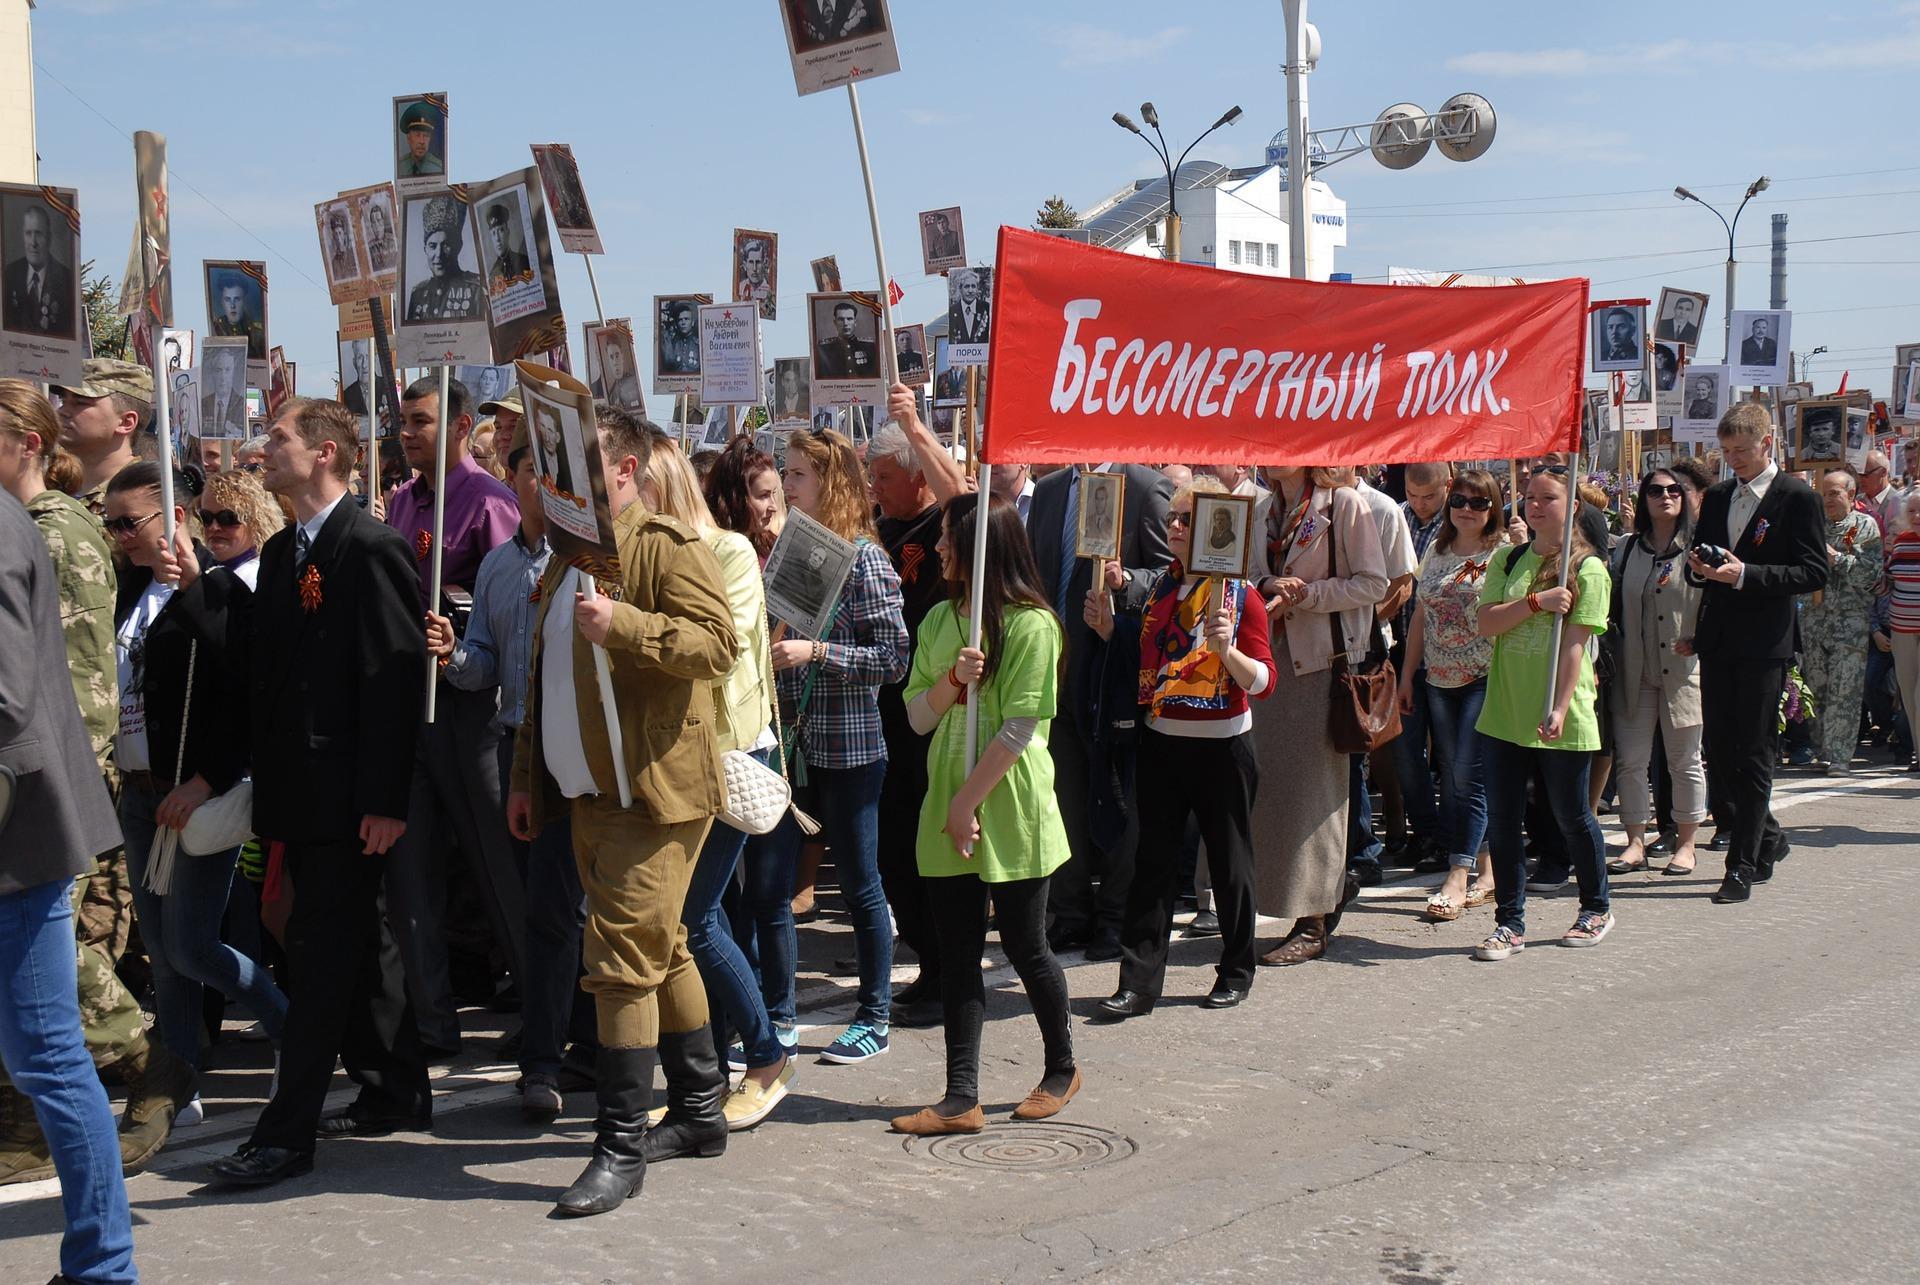 Шествие 'Бессмертного полка' в Берлине отменено из-за коронавируса